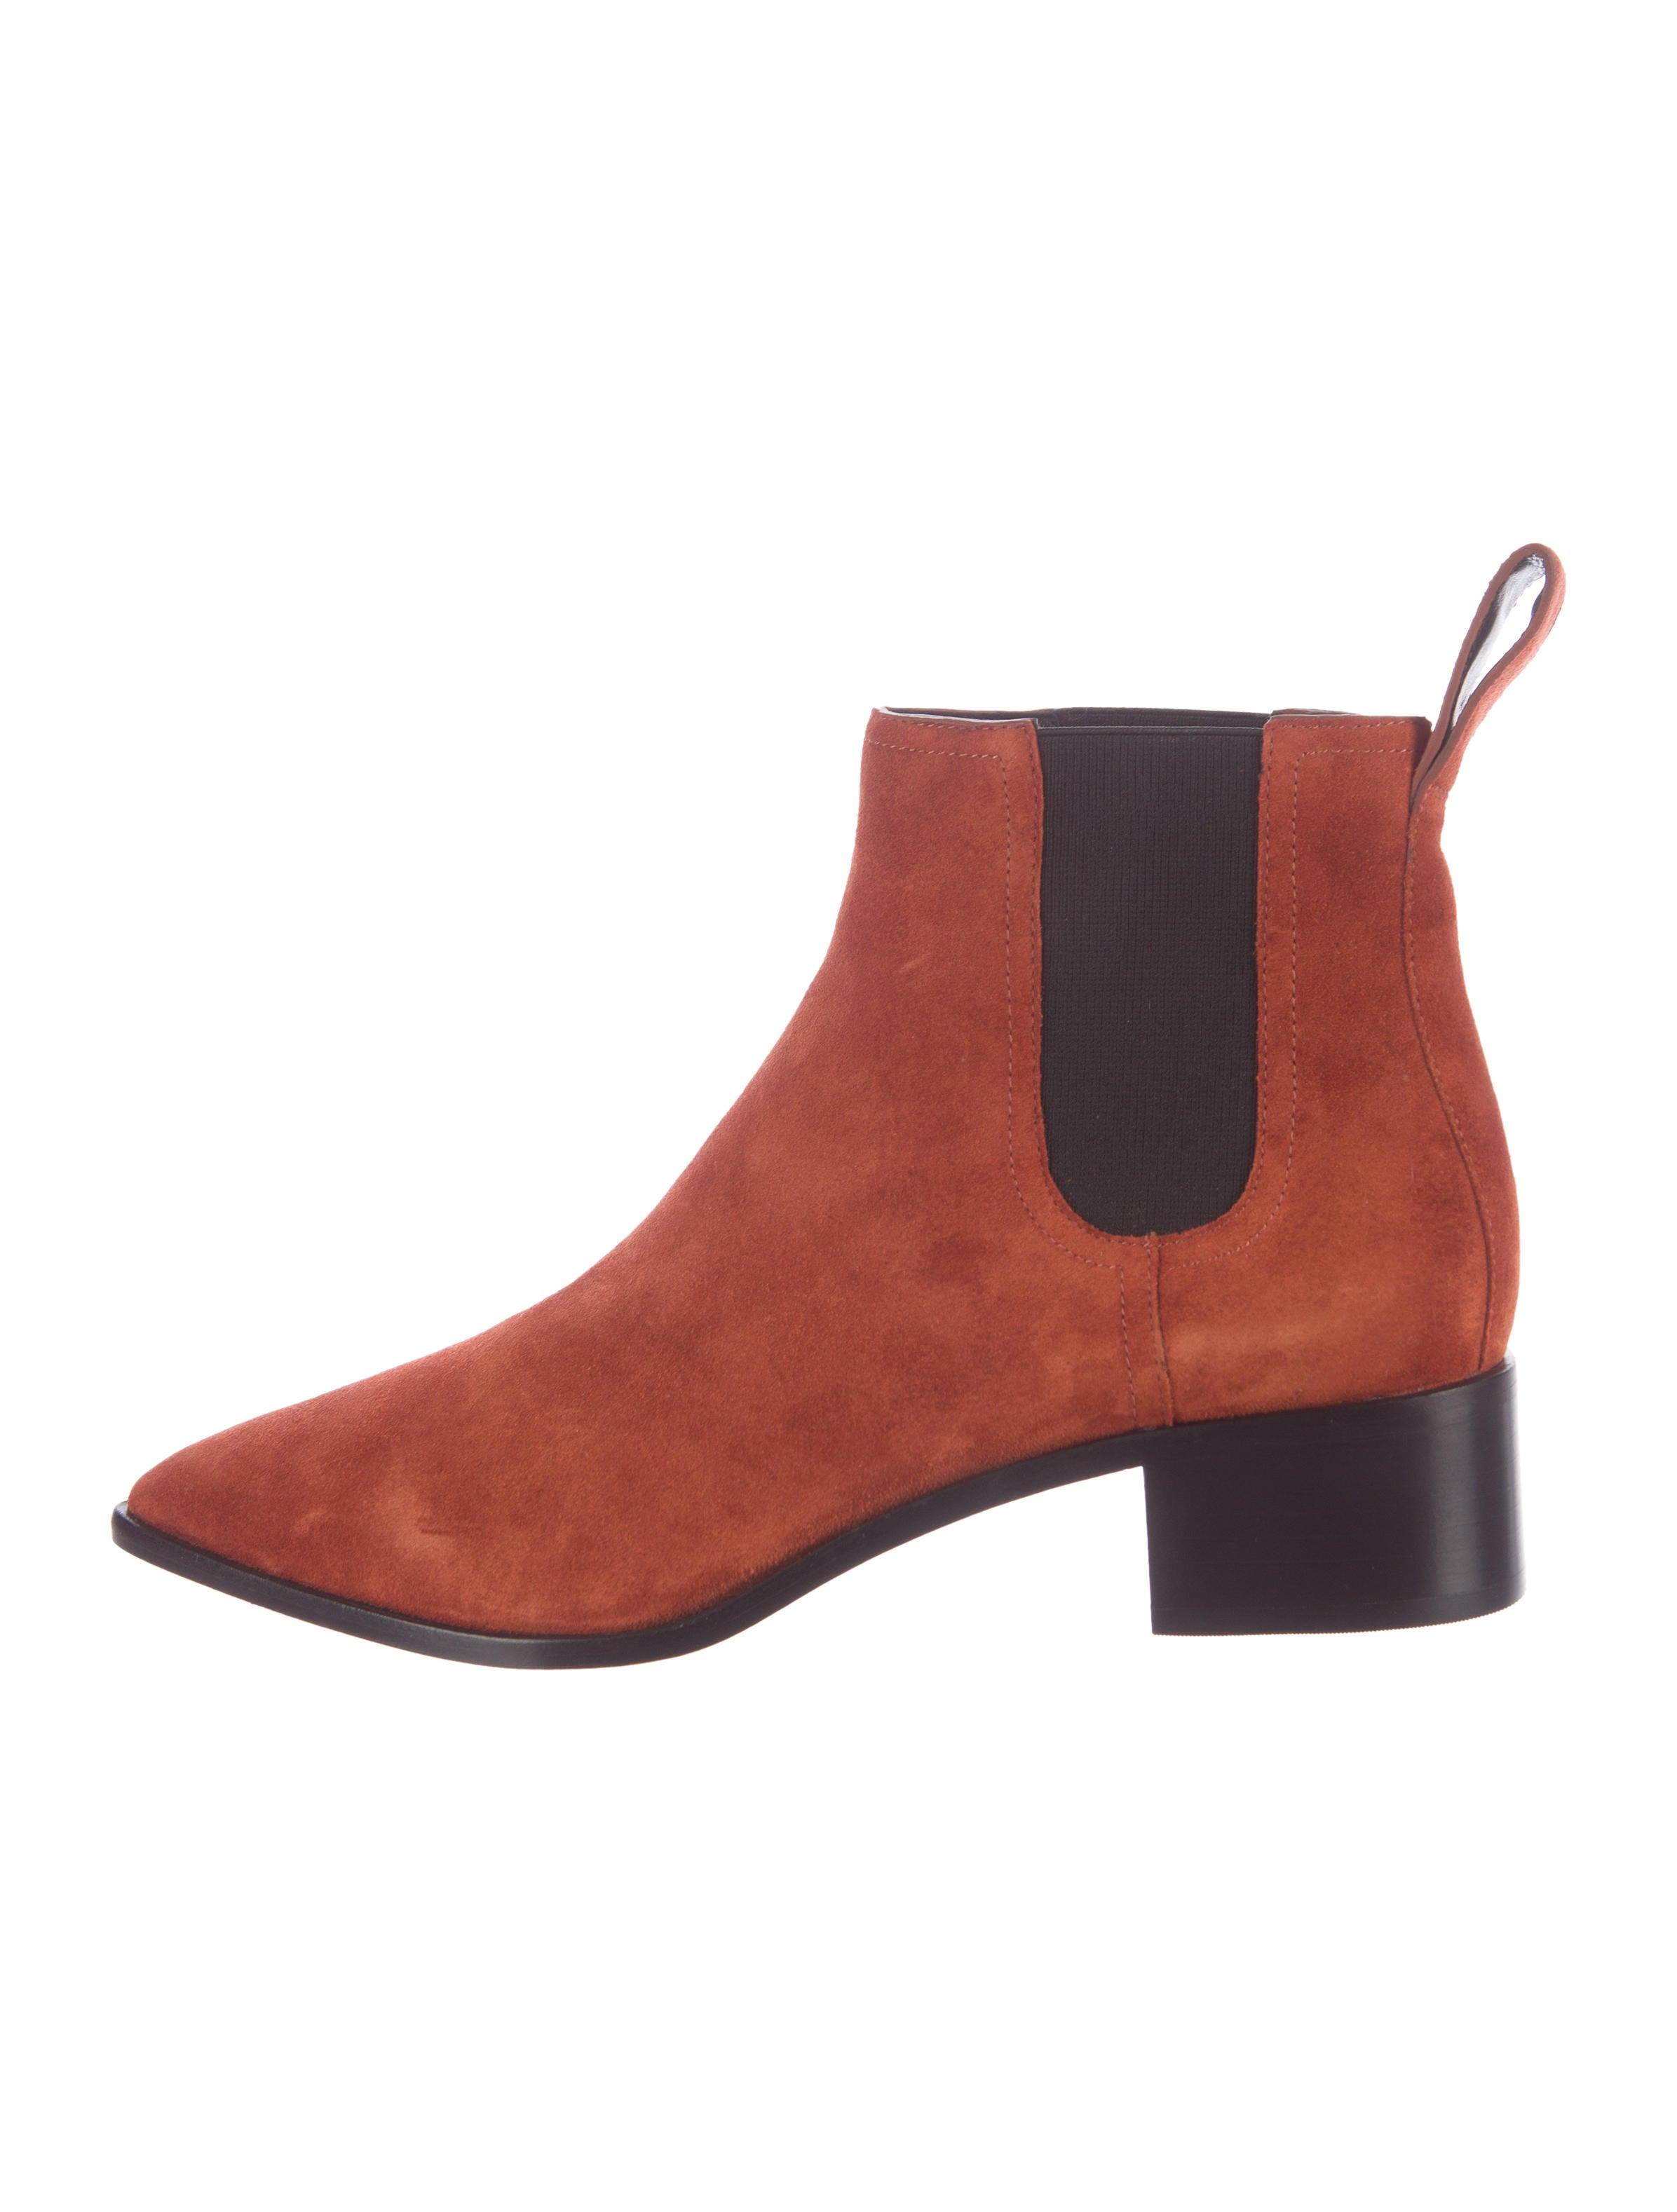 c455e18b1e3e1 Loeffler Randall Nellie Chelsea Boots - Shoes - WLF25463 | The RealReal